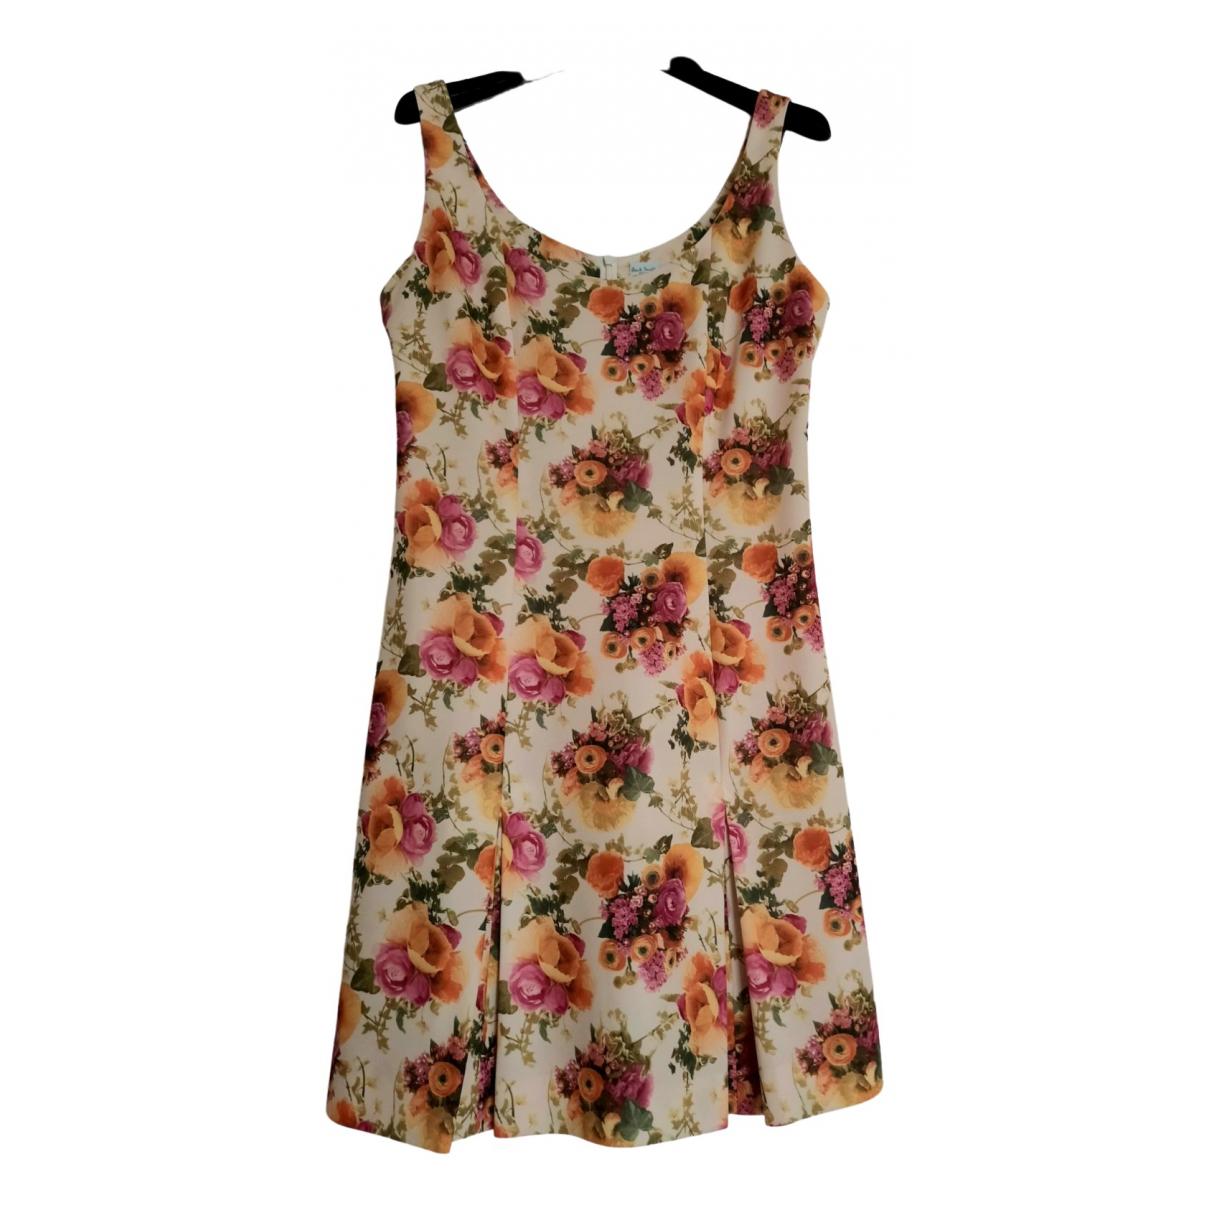 Paul Smith \N Multicolour dress for Women 42 IT